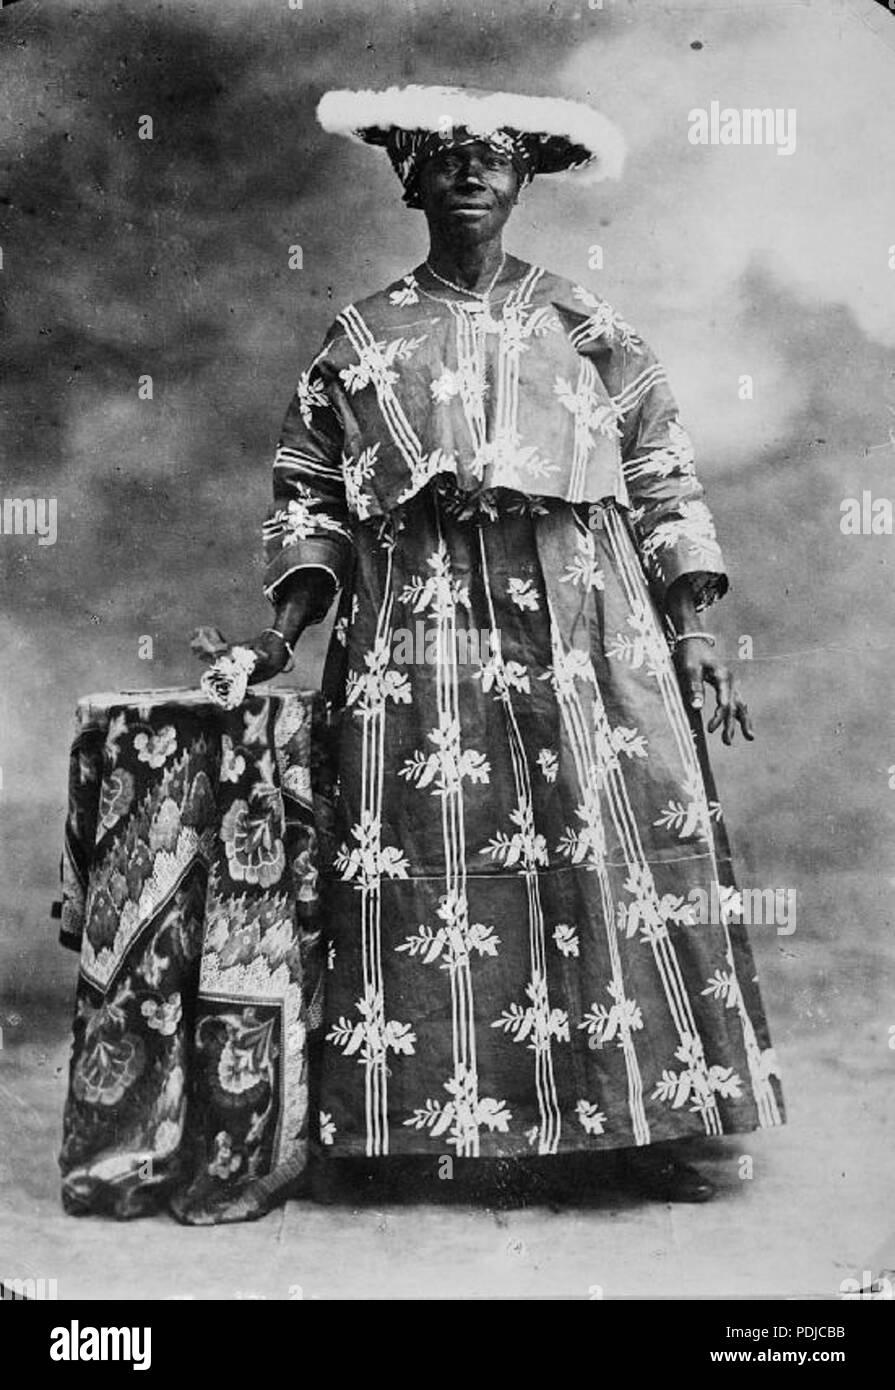 119 Een kotomisi in feestkleding, Suriname - Collectie stichting Nationaal Museum van Wereldculturen - TM-60006551 - Stock Image